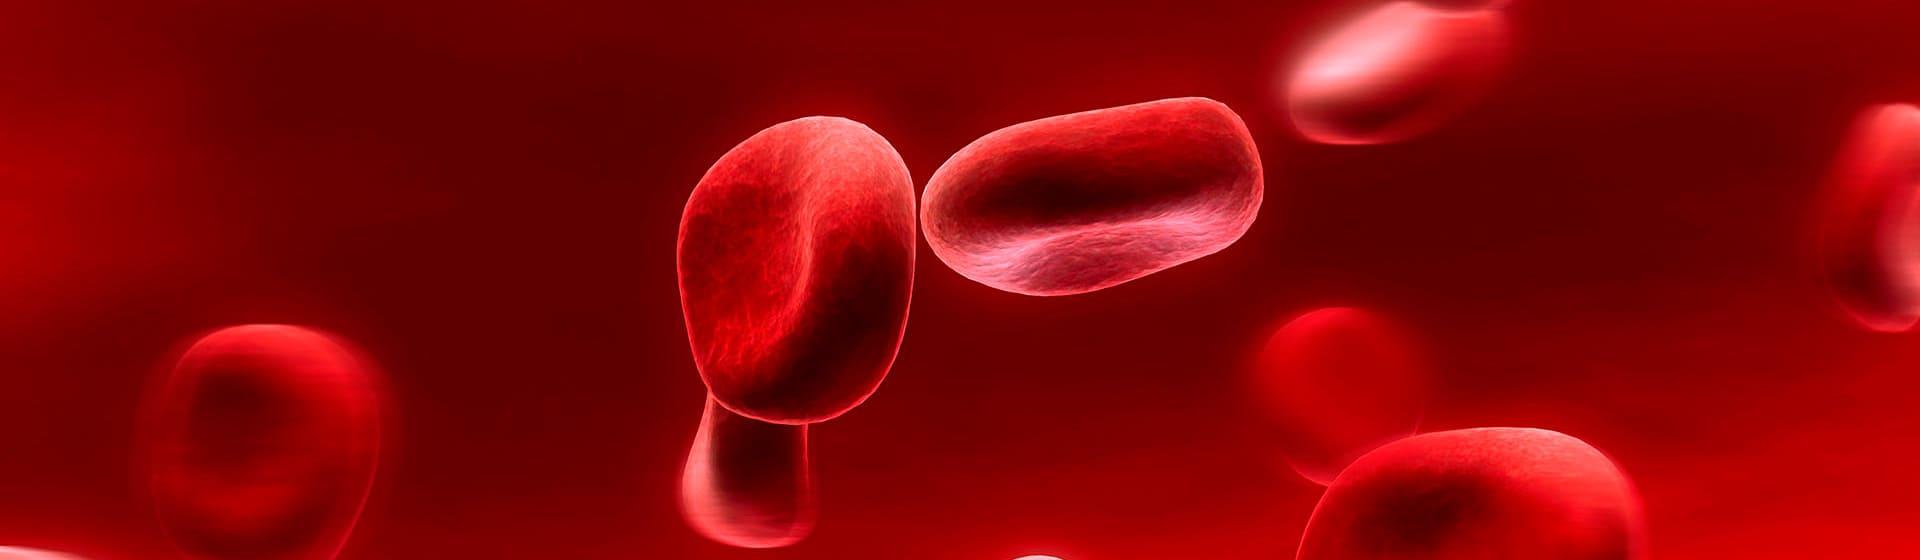 Группы крови - Мерч и одежда с атрибутикой